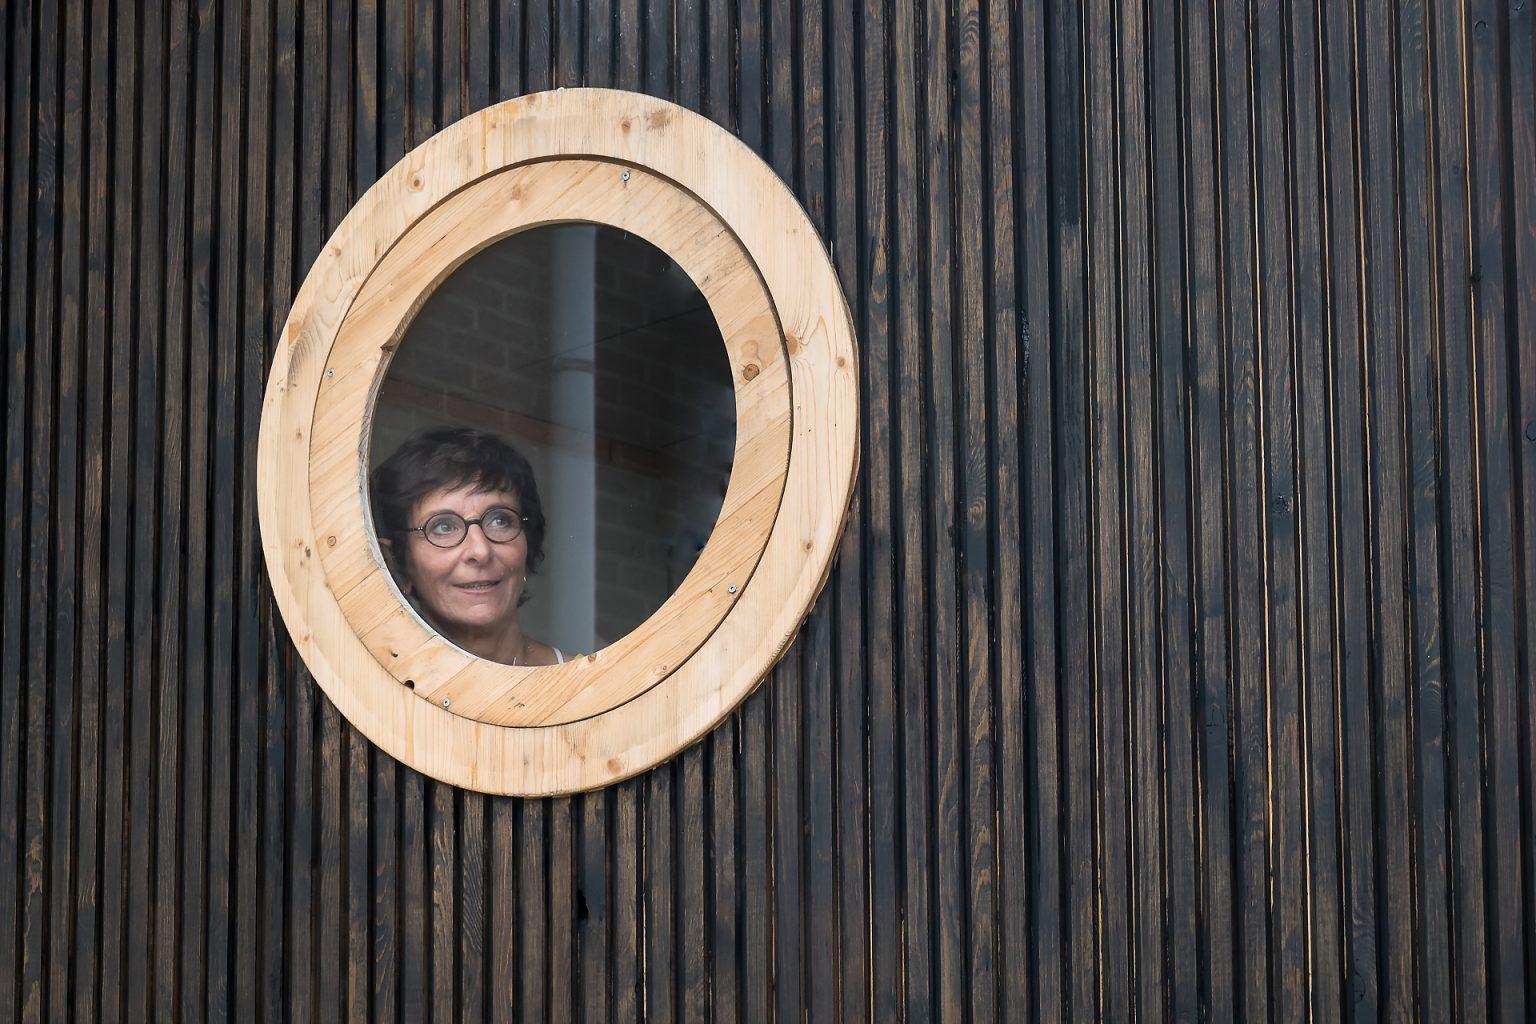 Portrait d'entrepreneur : Isabelle Dubois, architecte d'intérieur au hublot de sa roulotte en construction. Portrait en lumière naturelle et au plus proche de l'activité de l'entrepreneur